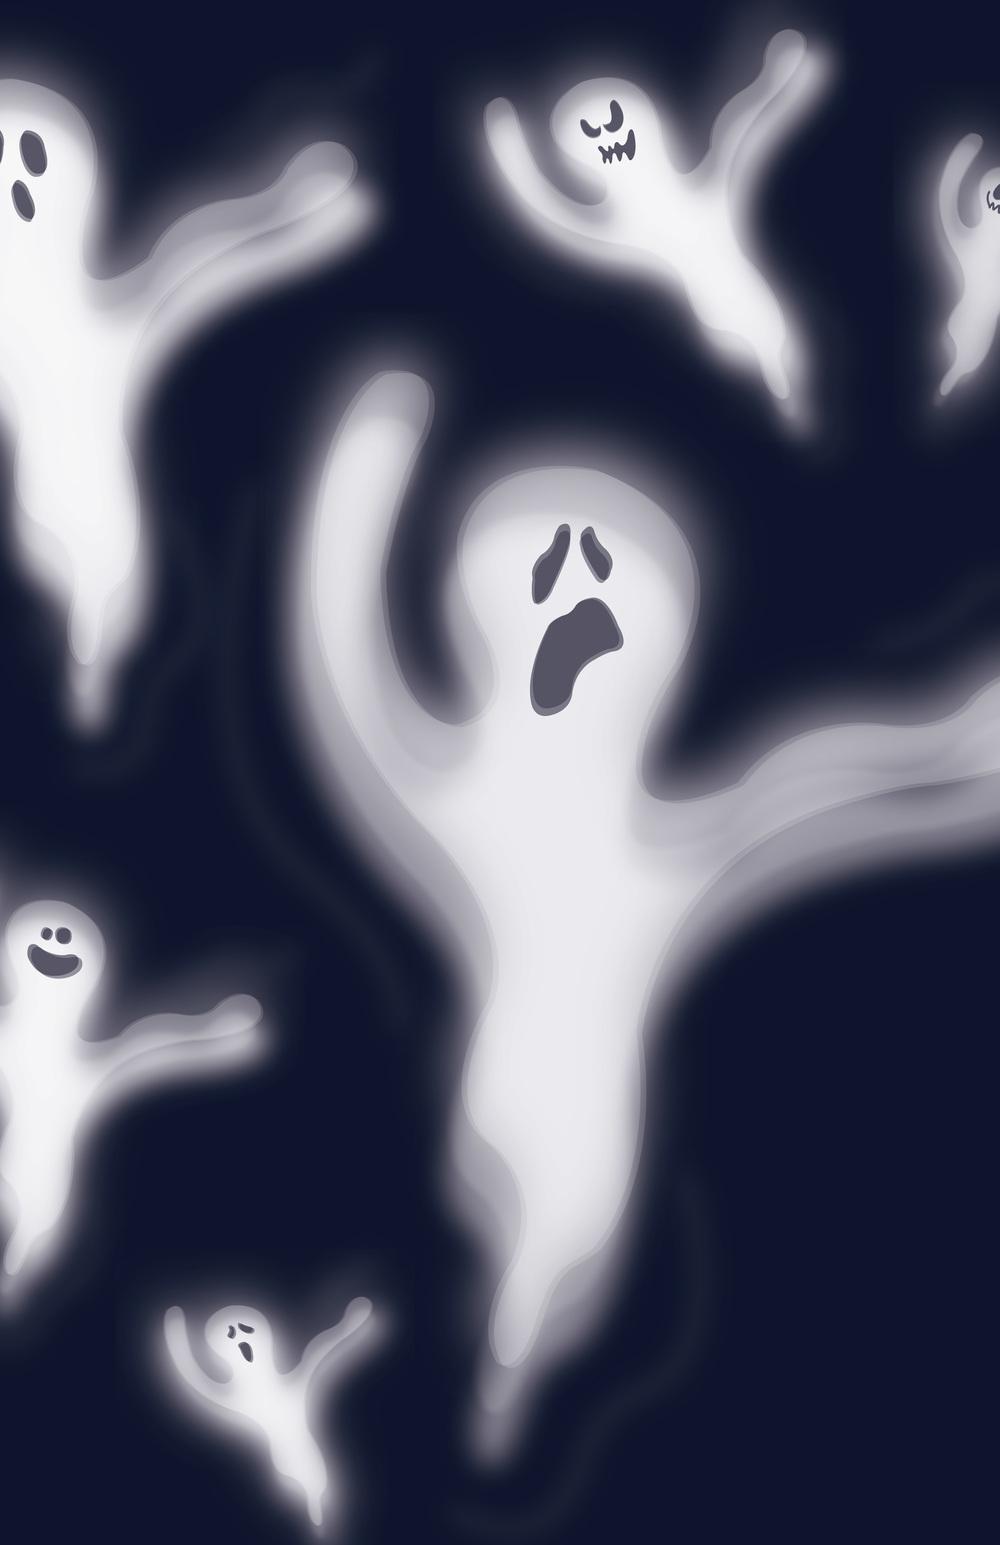 Halloween_Concepts-01.jpg